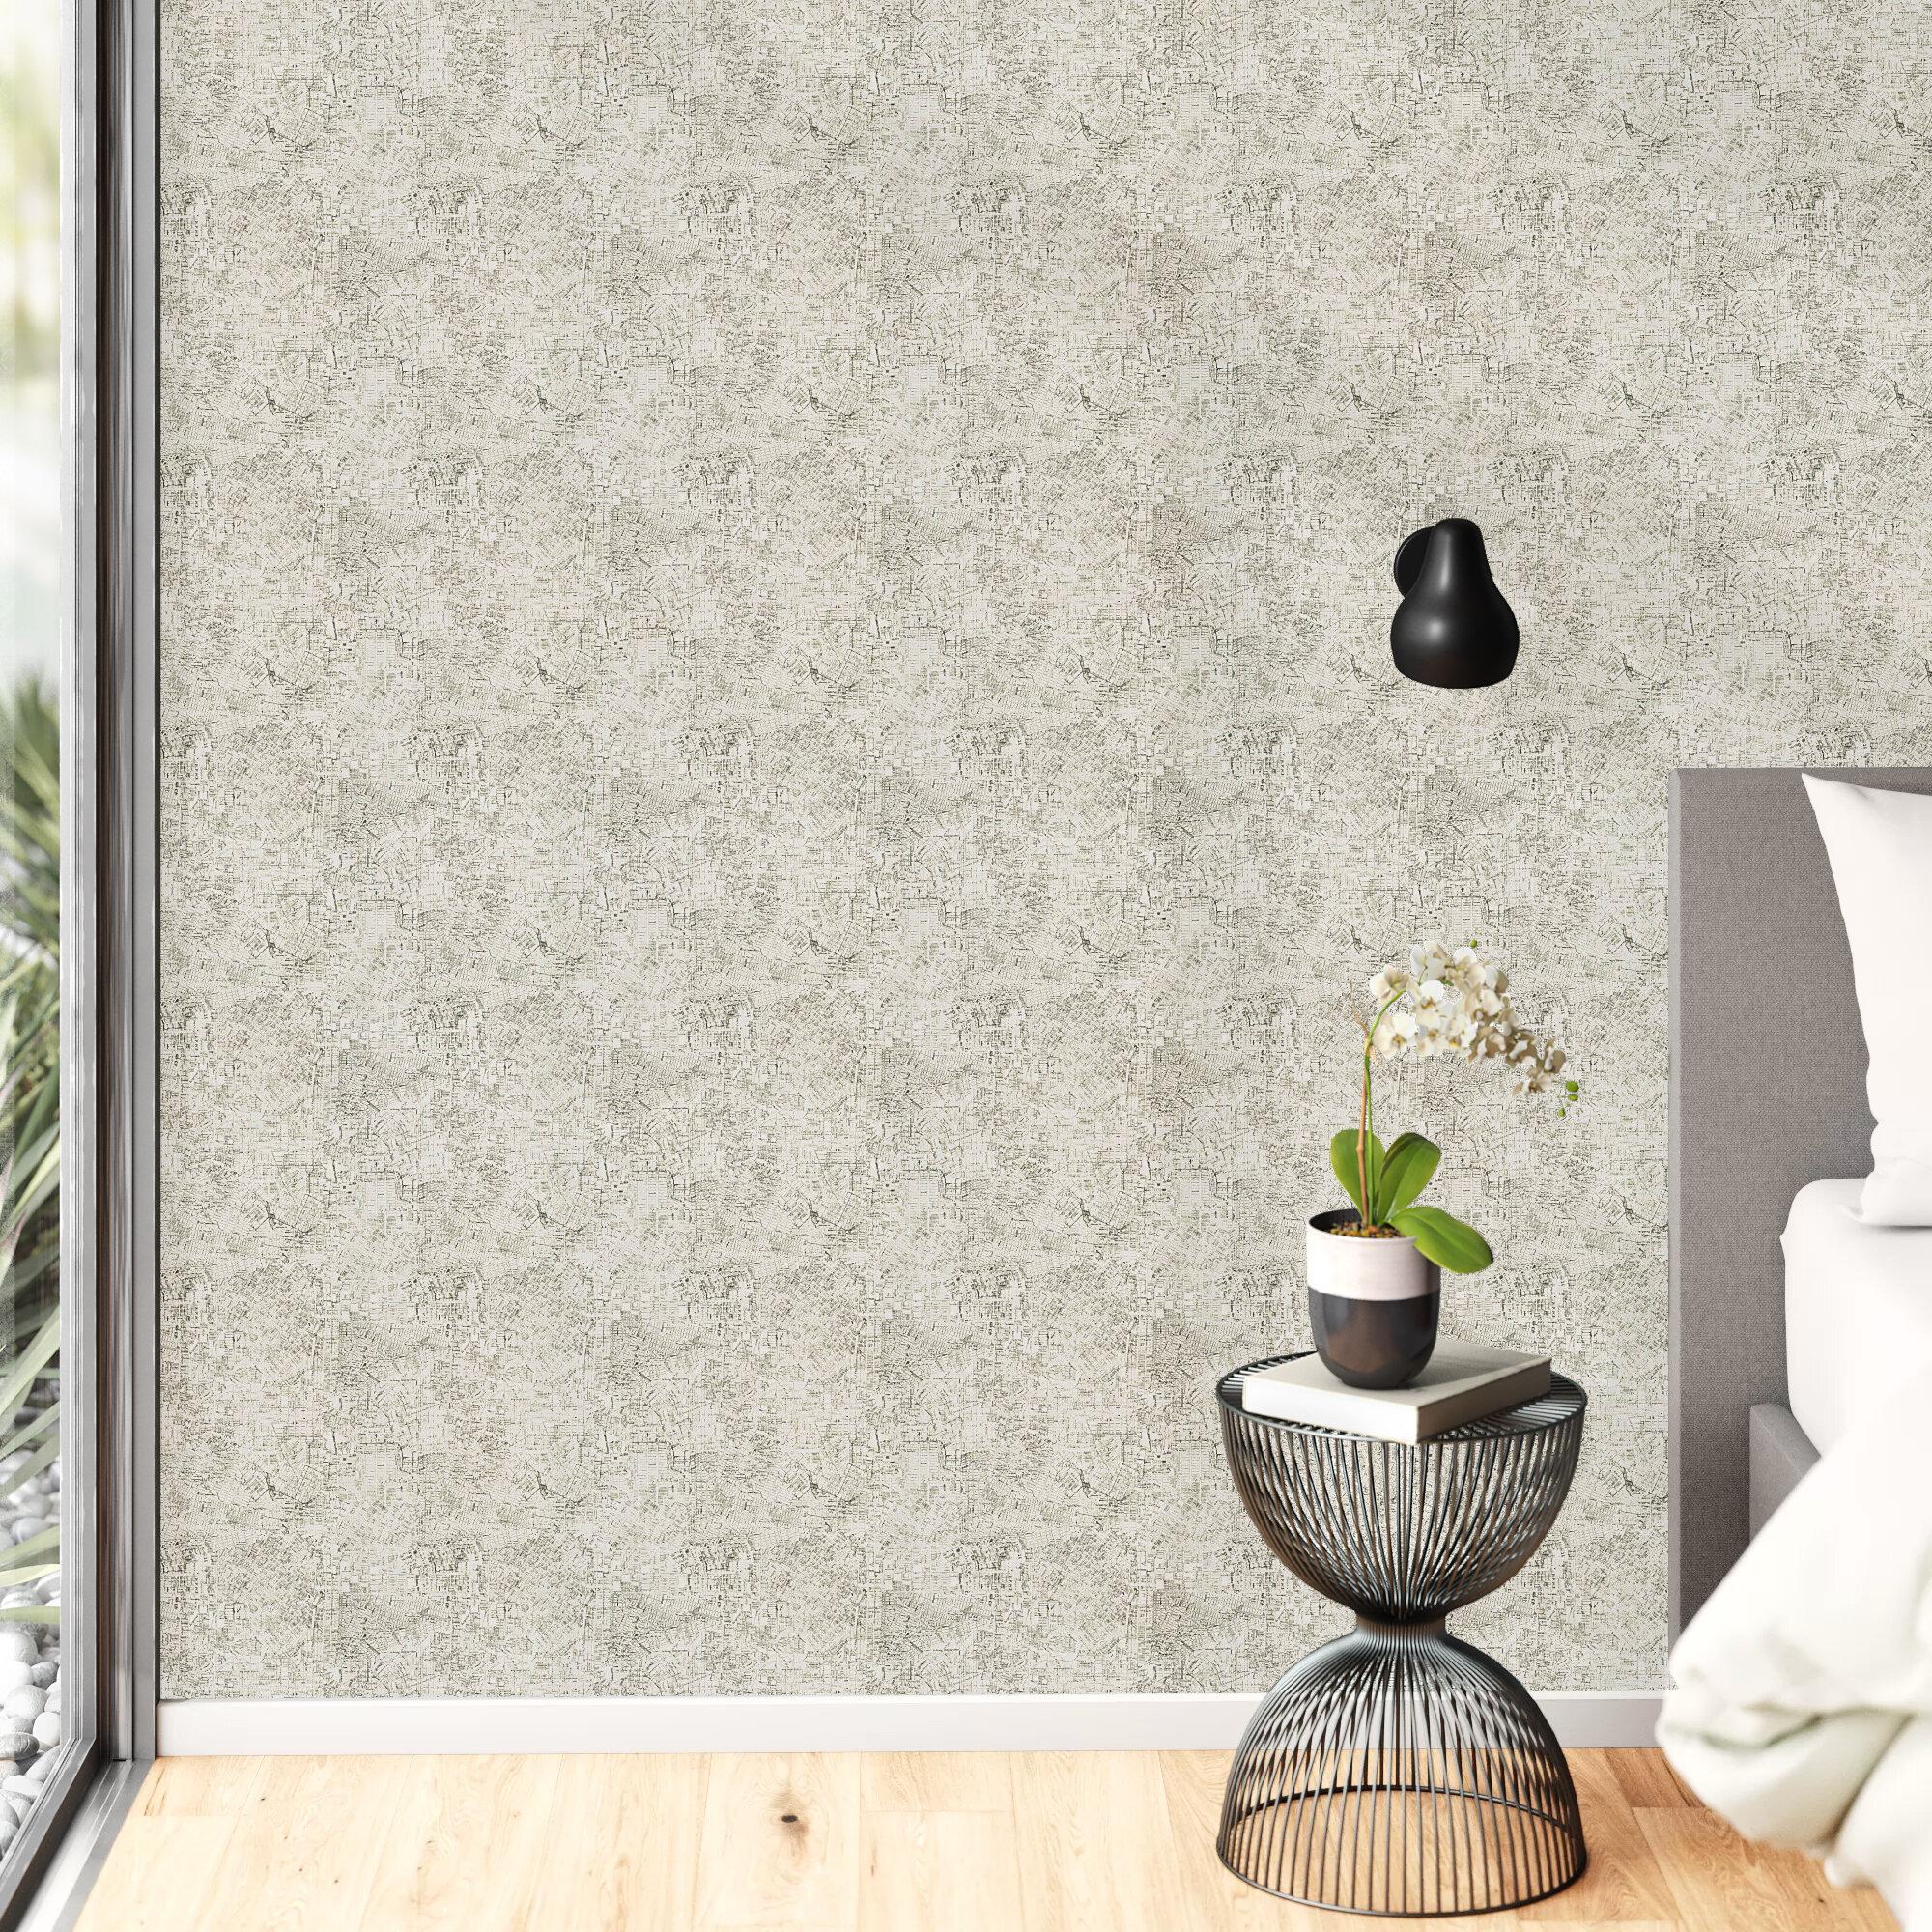 Darion 16 5 L X 20 5 W Geometric Peel And Stick Wallpaper Roll Reviews Allmodern